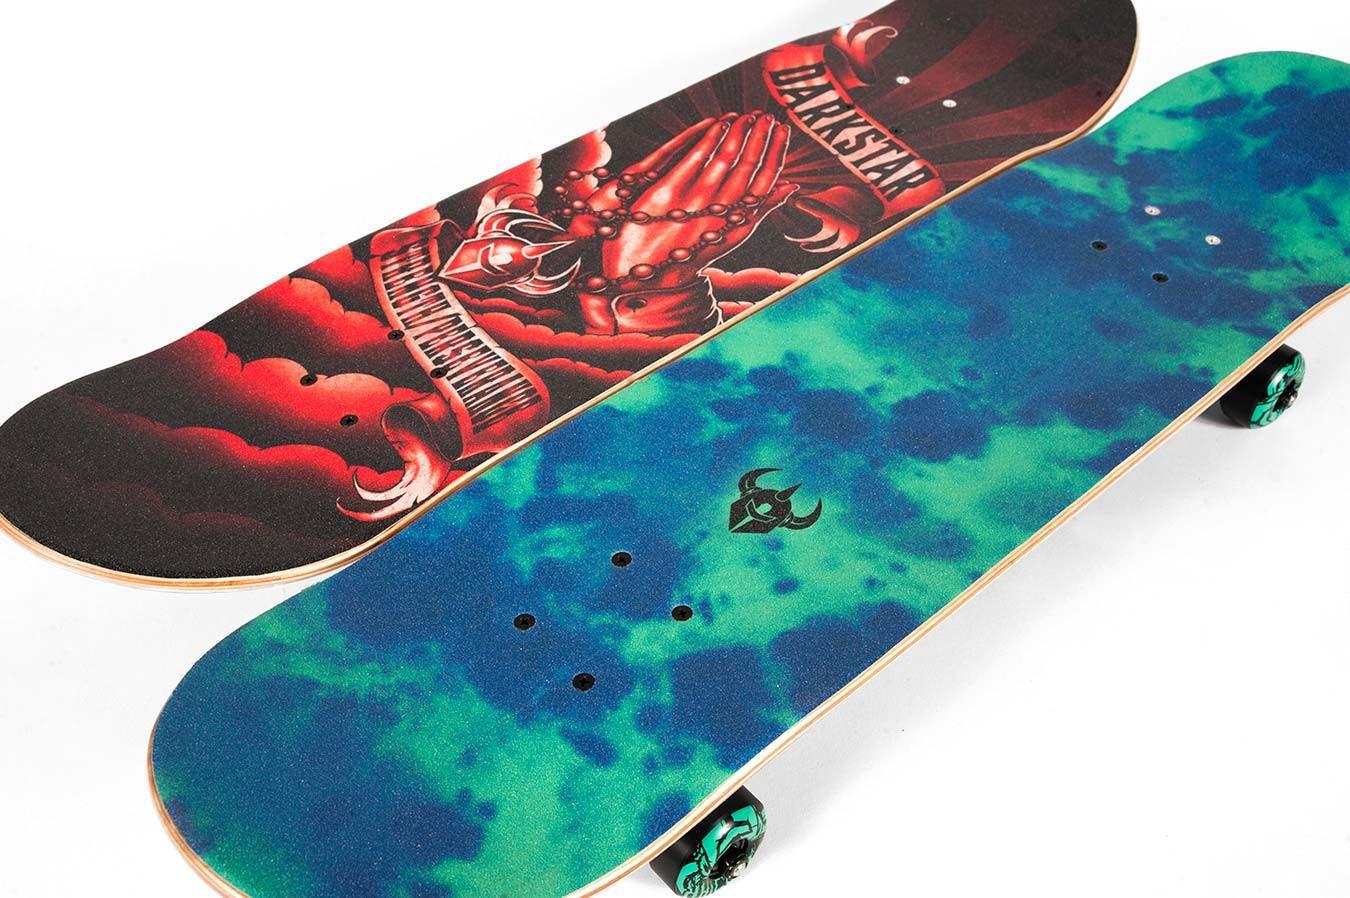 La migliore guida per scegliere uno skateboard completo per iniziare